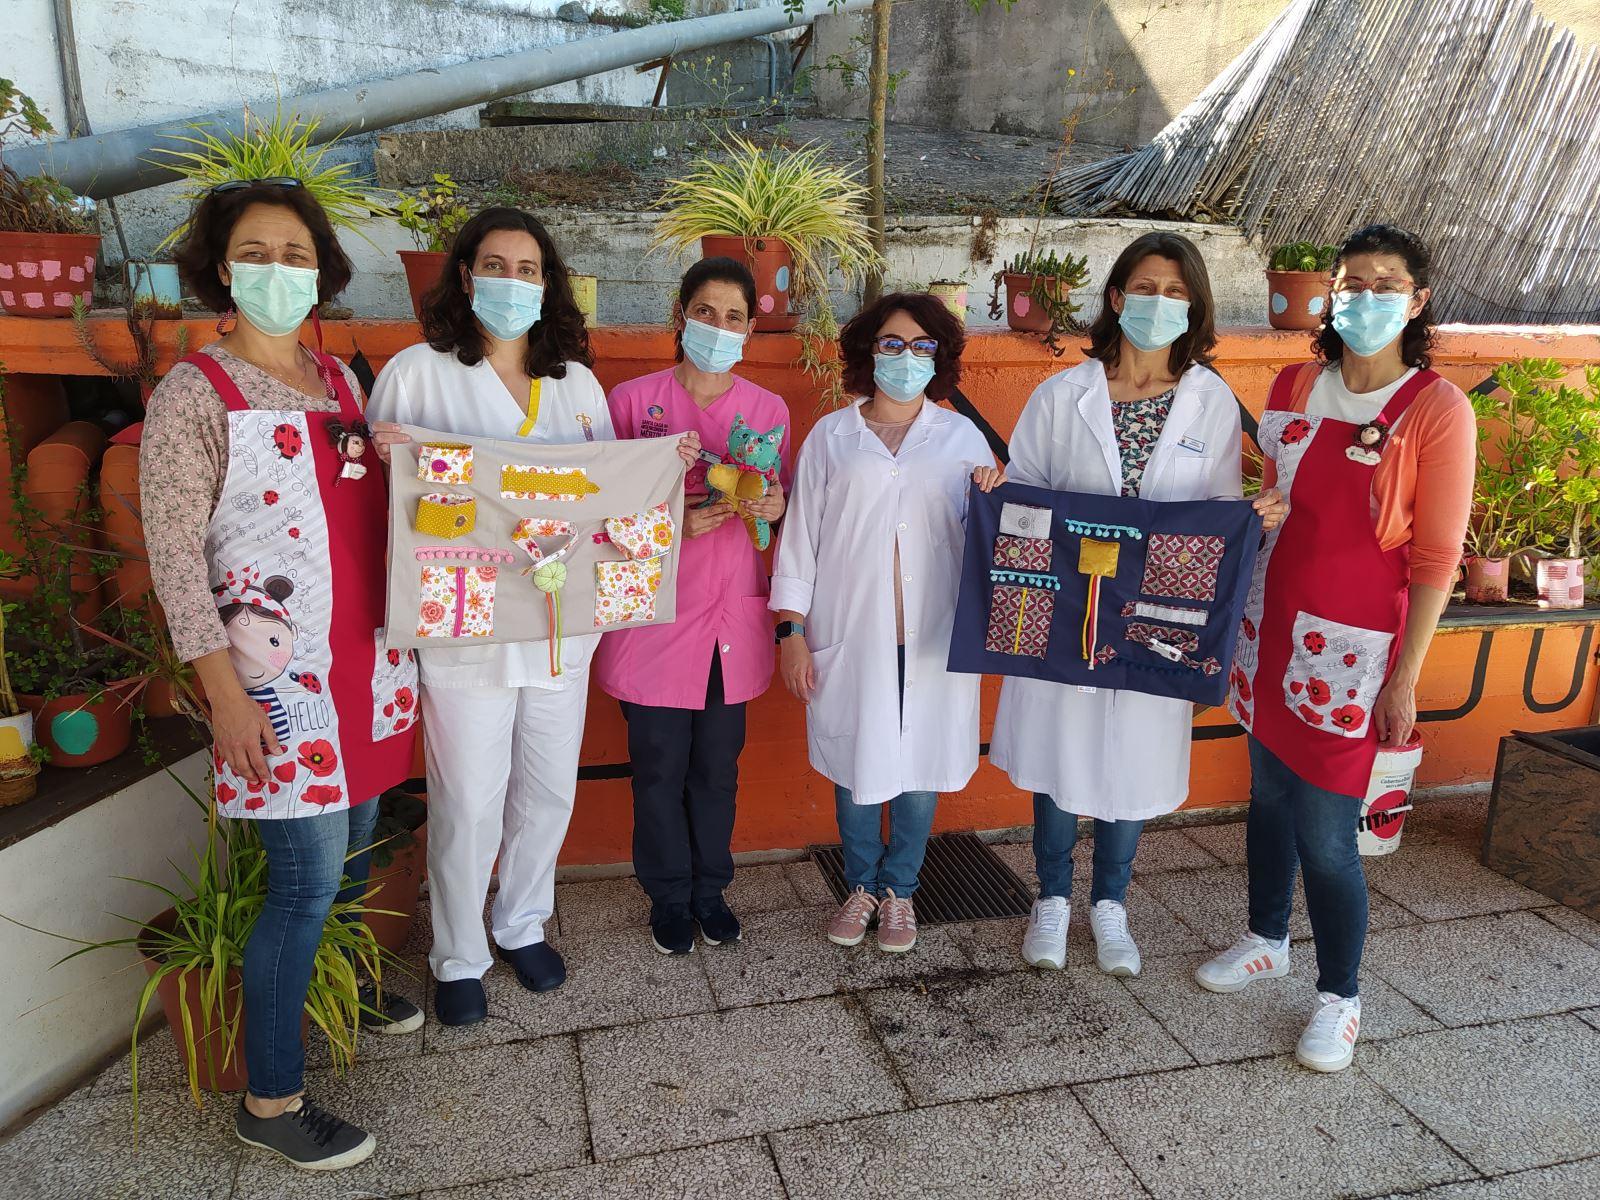 Mértola | 'Linhas Solidárias' para costurar e ajudar a sorrir